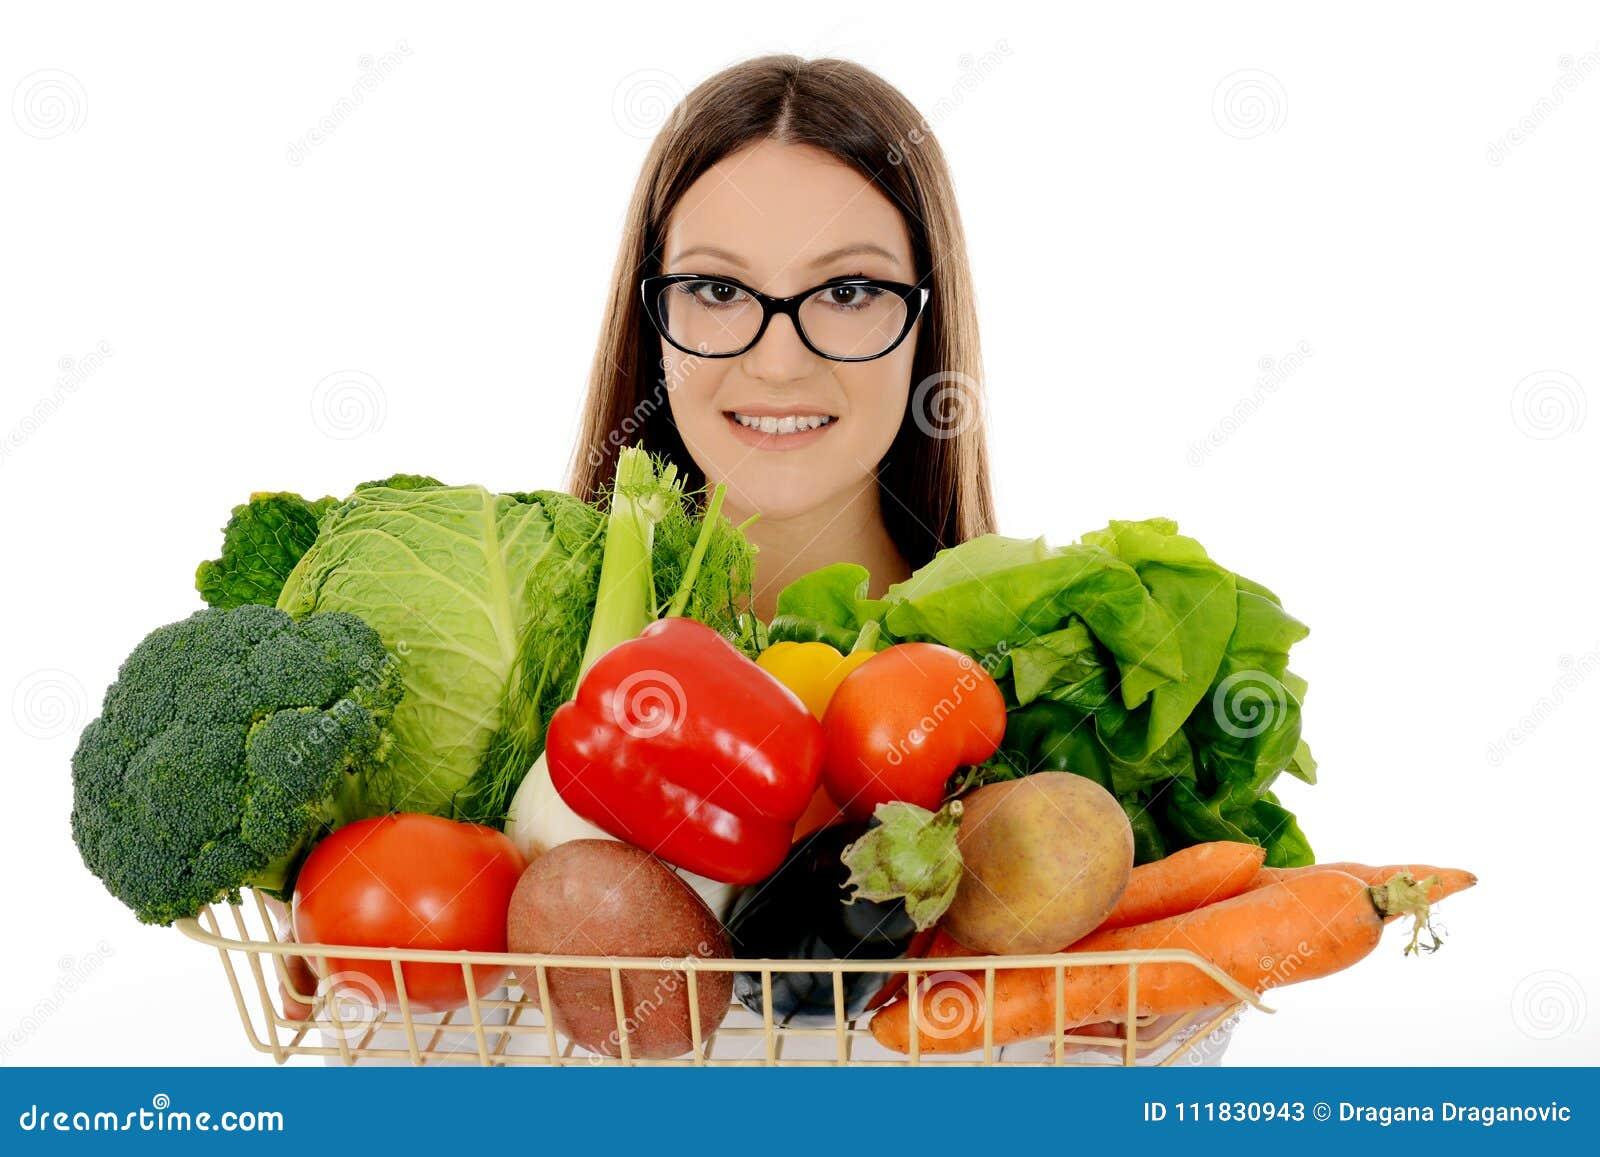 739cdd7e Smiling Girl Holding Vegetables, Pepper, Lettuce, Broccoli, Stock ...